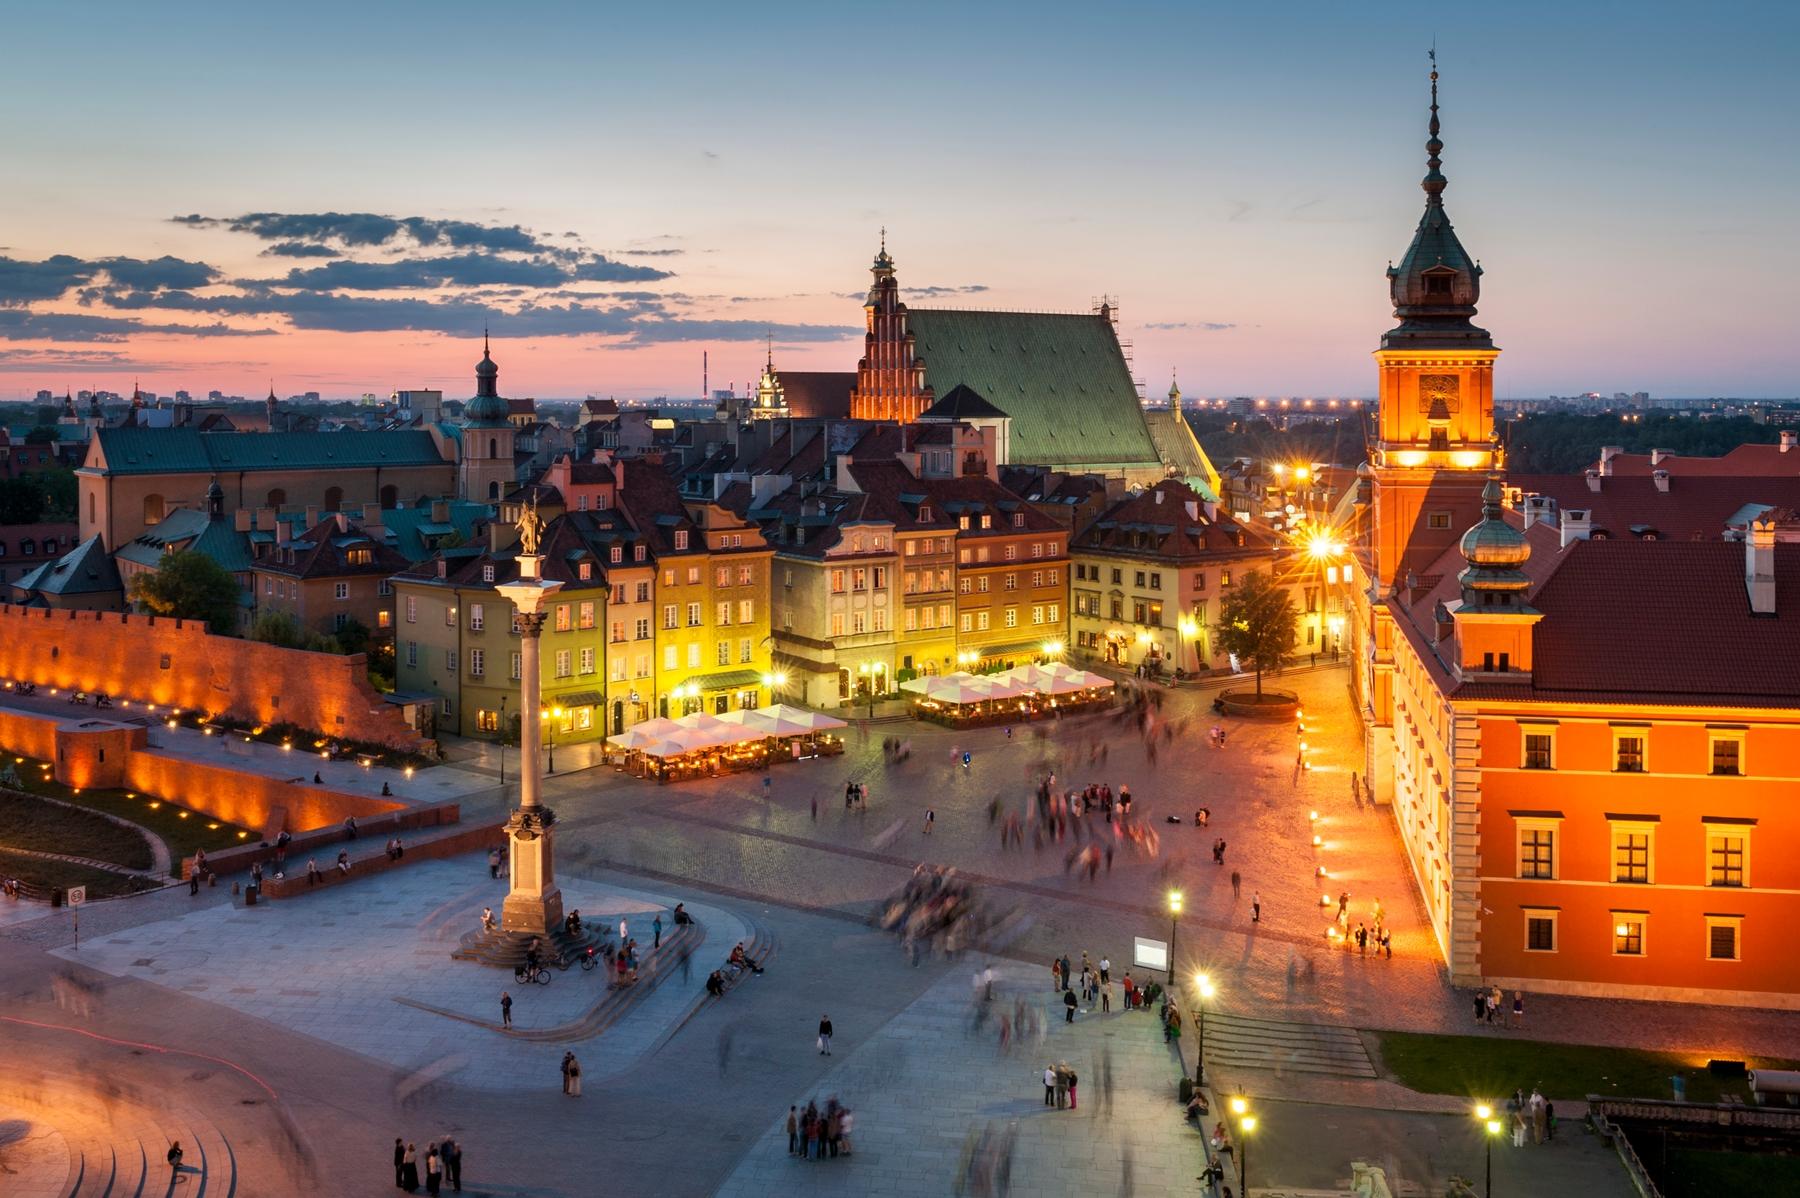 Королевский замок и Замковая площадь в Варшаве